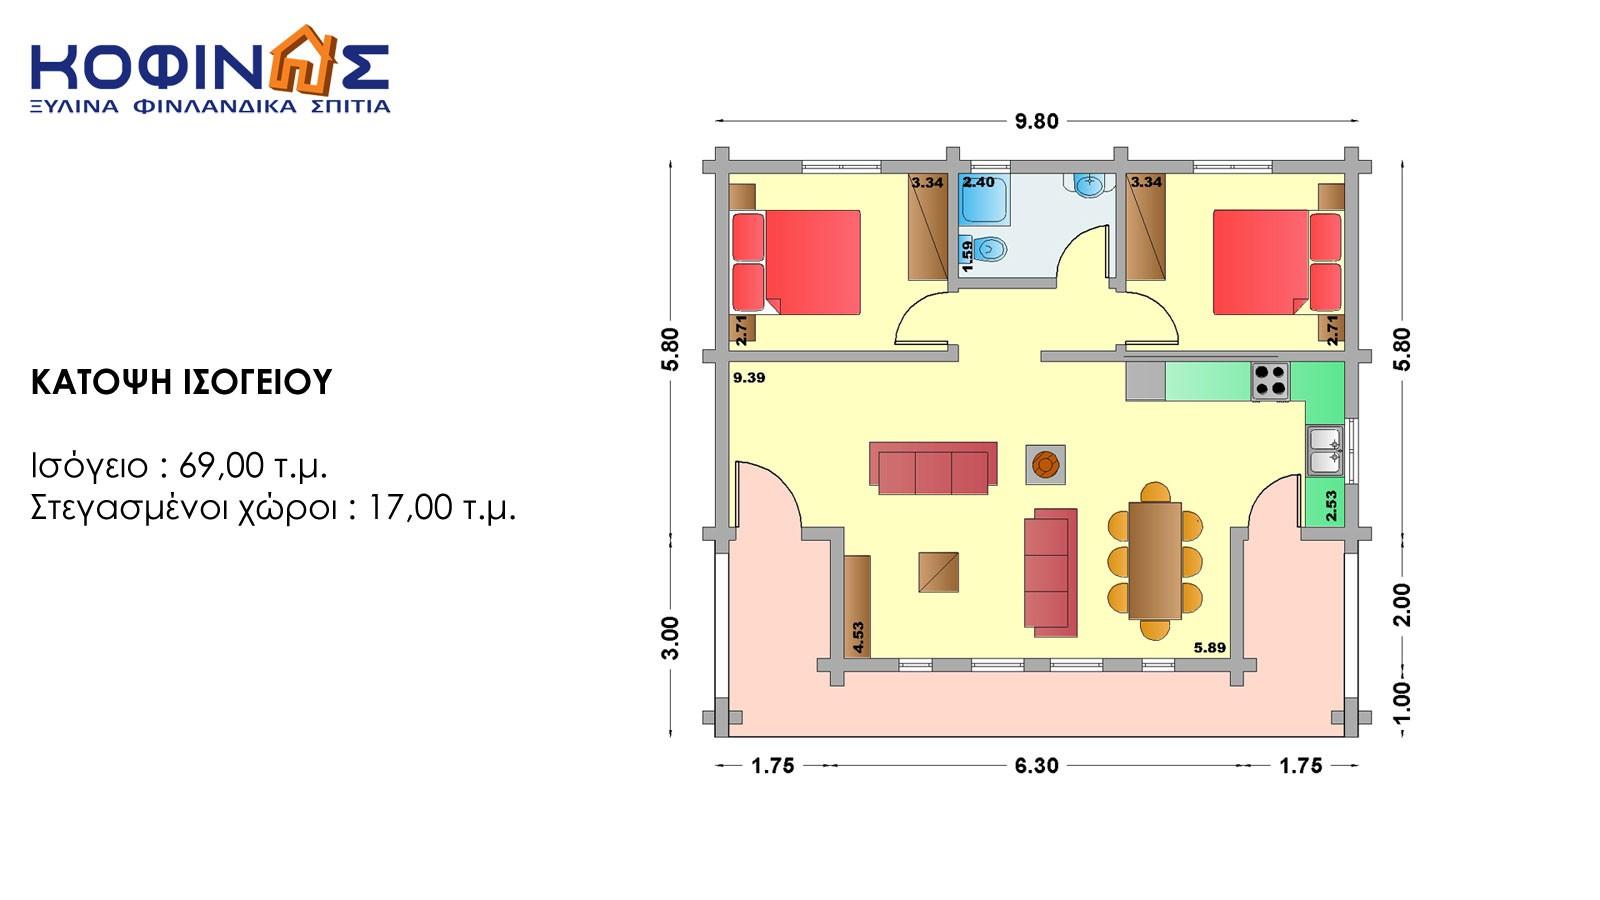 Ισόγεια Ξύλινη Κατοικία XI-69, συνολικής επιφάνειας 69,00 τ.μ.